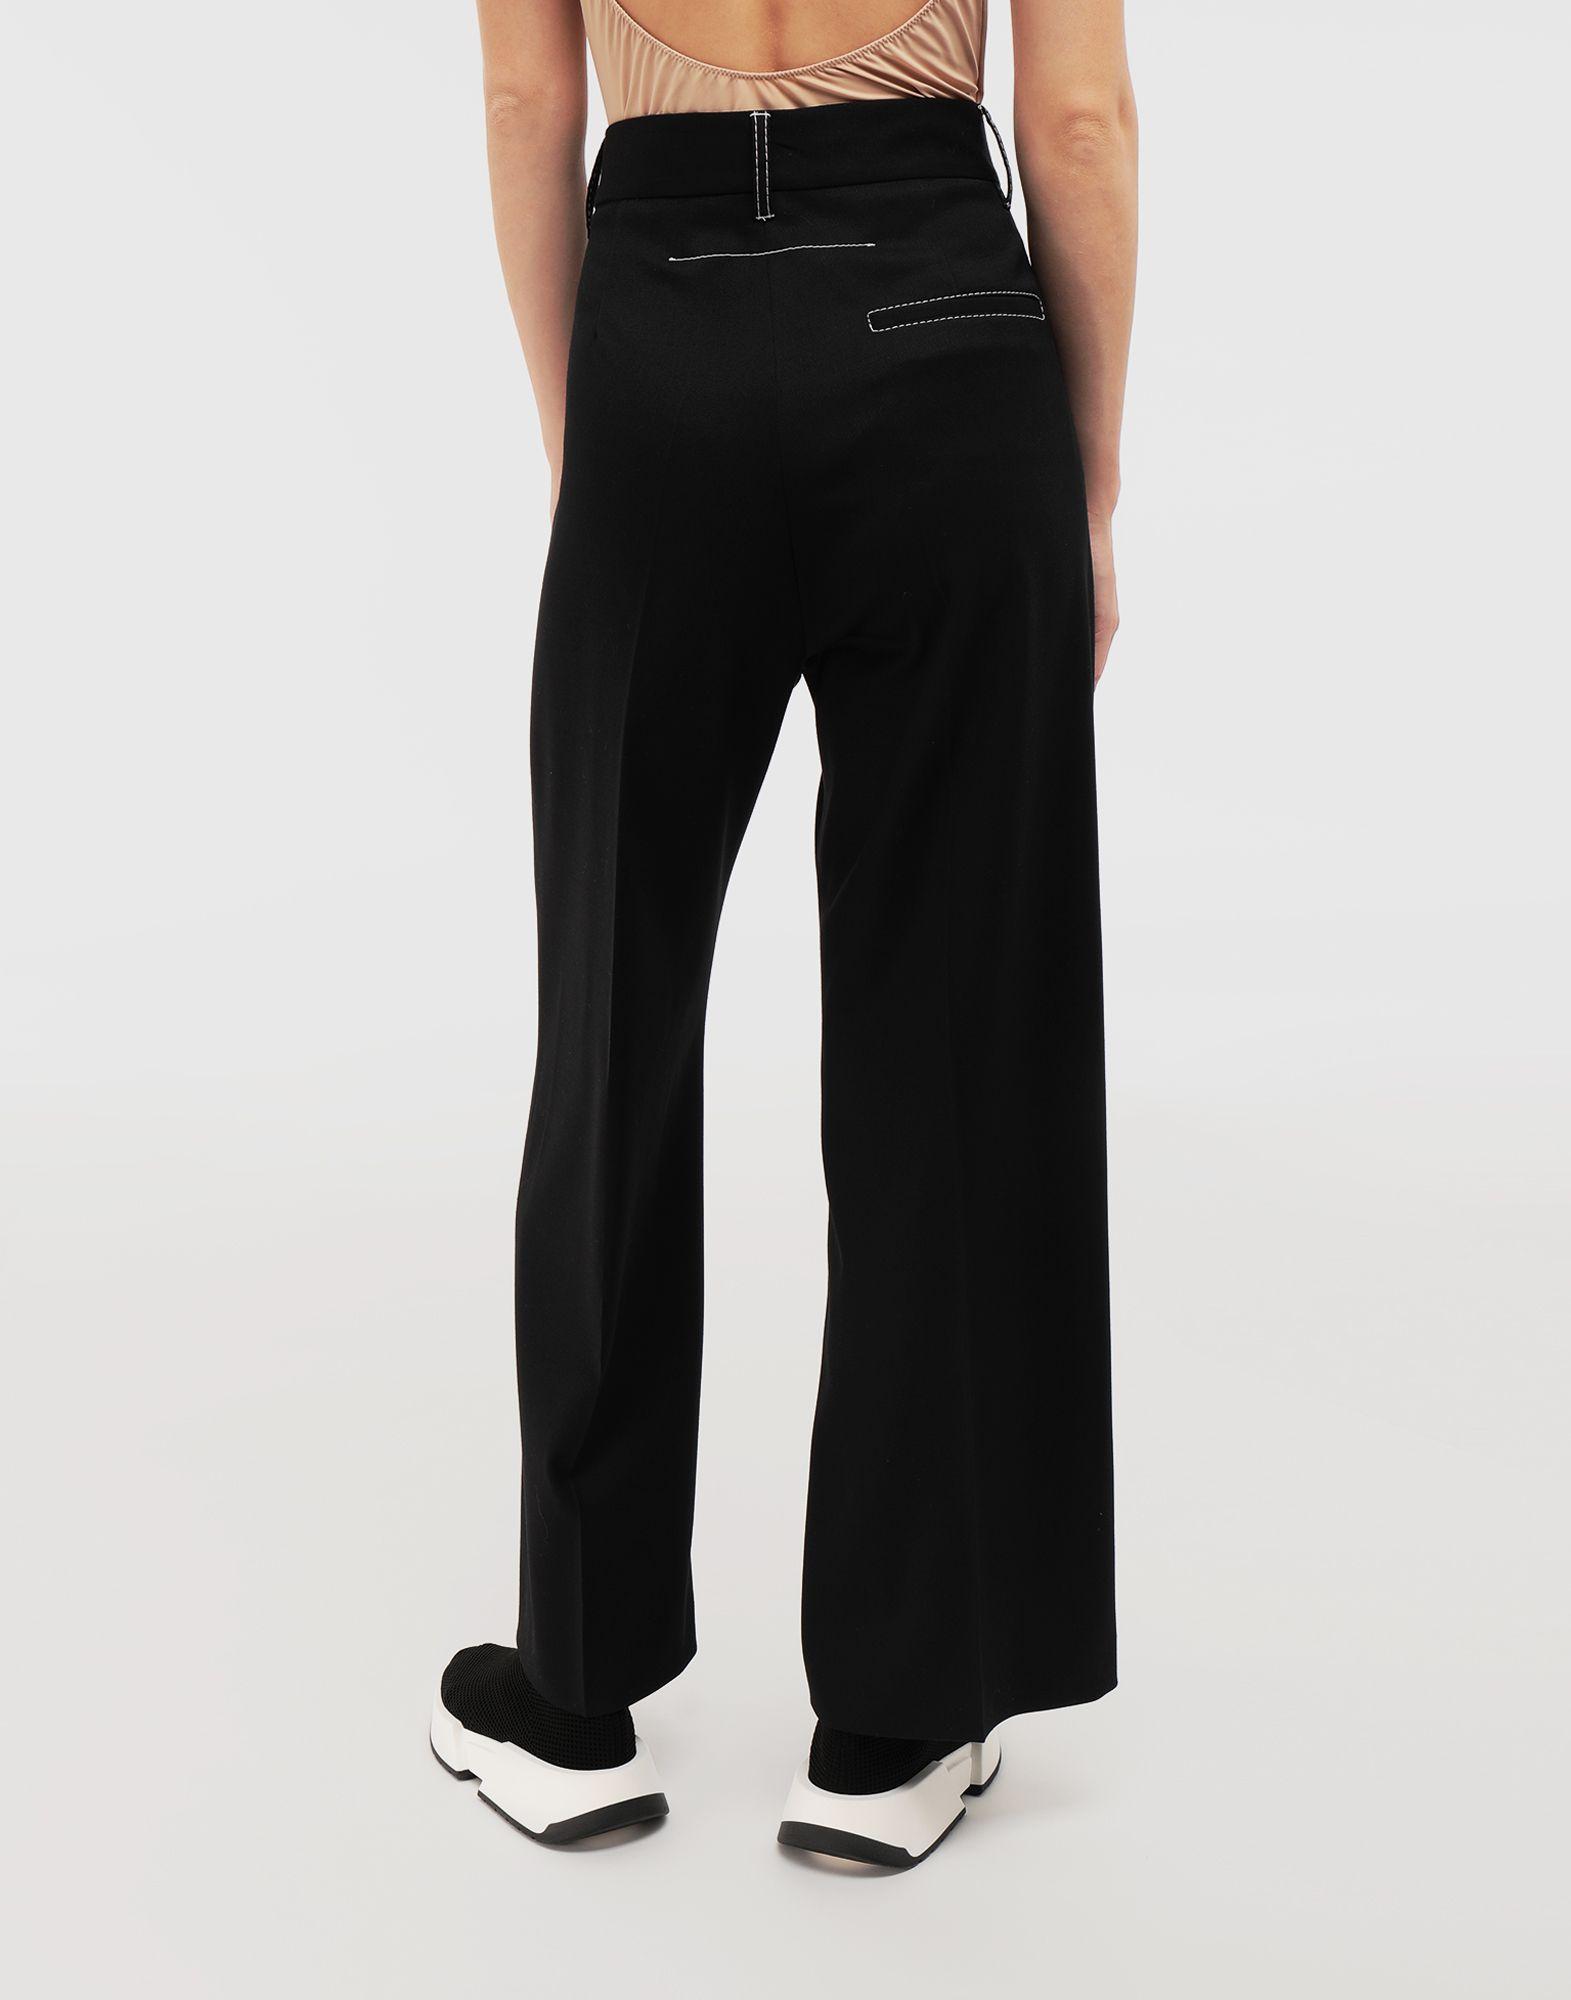 MM6 MAISON MARGIELA Casual wool-blend pants Casual pants Woman e